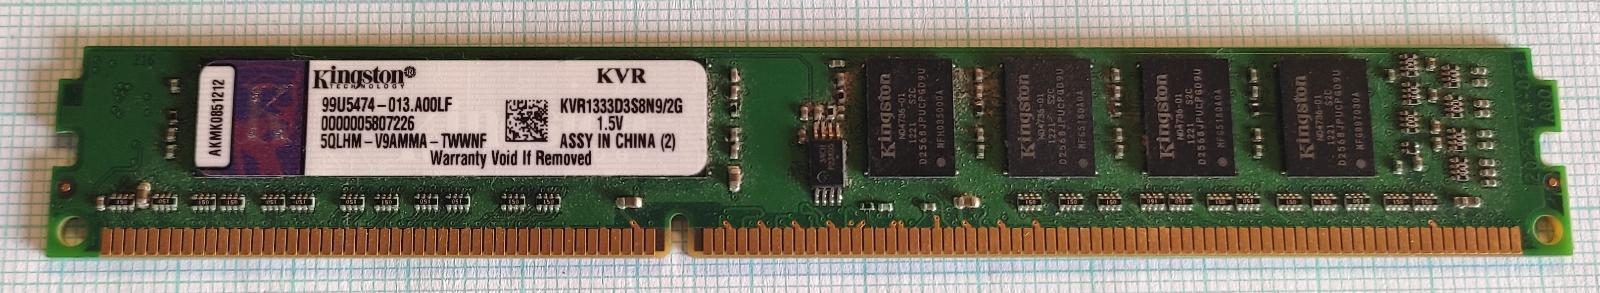 Paměť RAM do PC Kingston KVR1333D3S8N9/2G 2GB 1333MHz DDR3